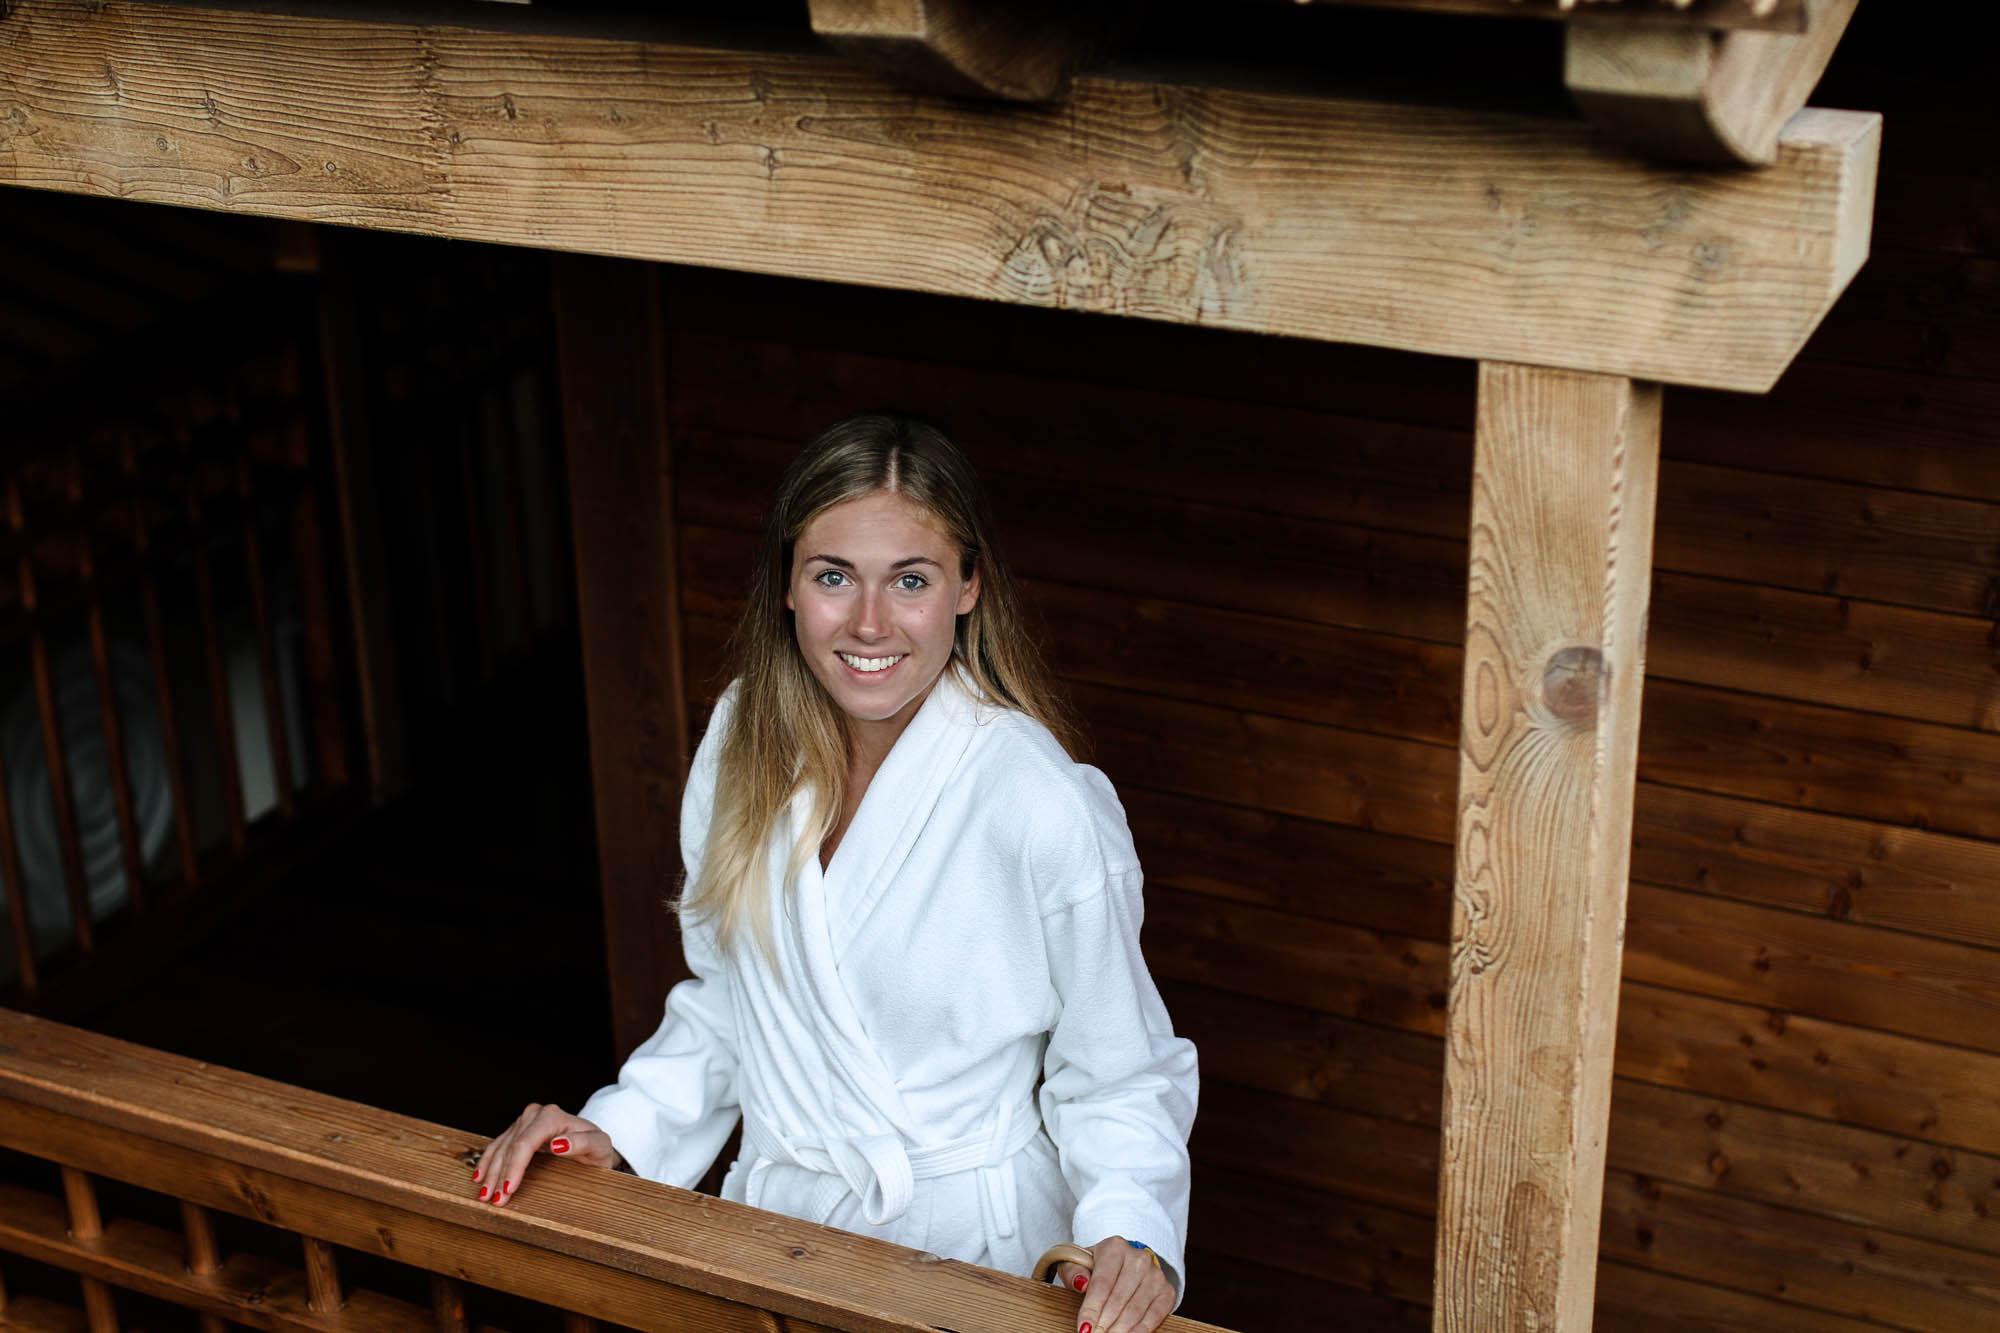 Eurotherme Bad Schallerbach Review auf dem österreichischen Lifestyle Blog Bits and Bobs by Eva. Mehr zu Hotel & Therme auf www.bitsandbobsbyeva.com